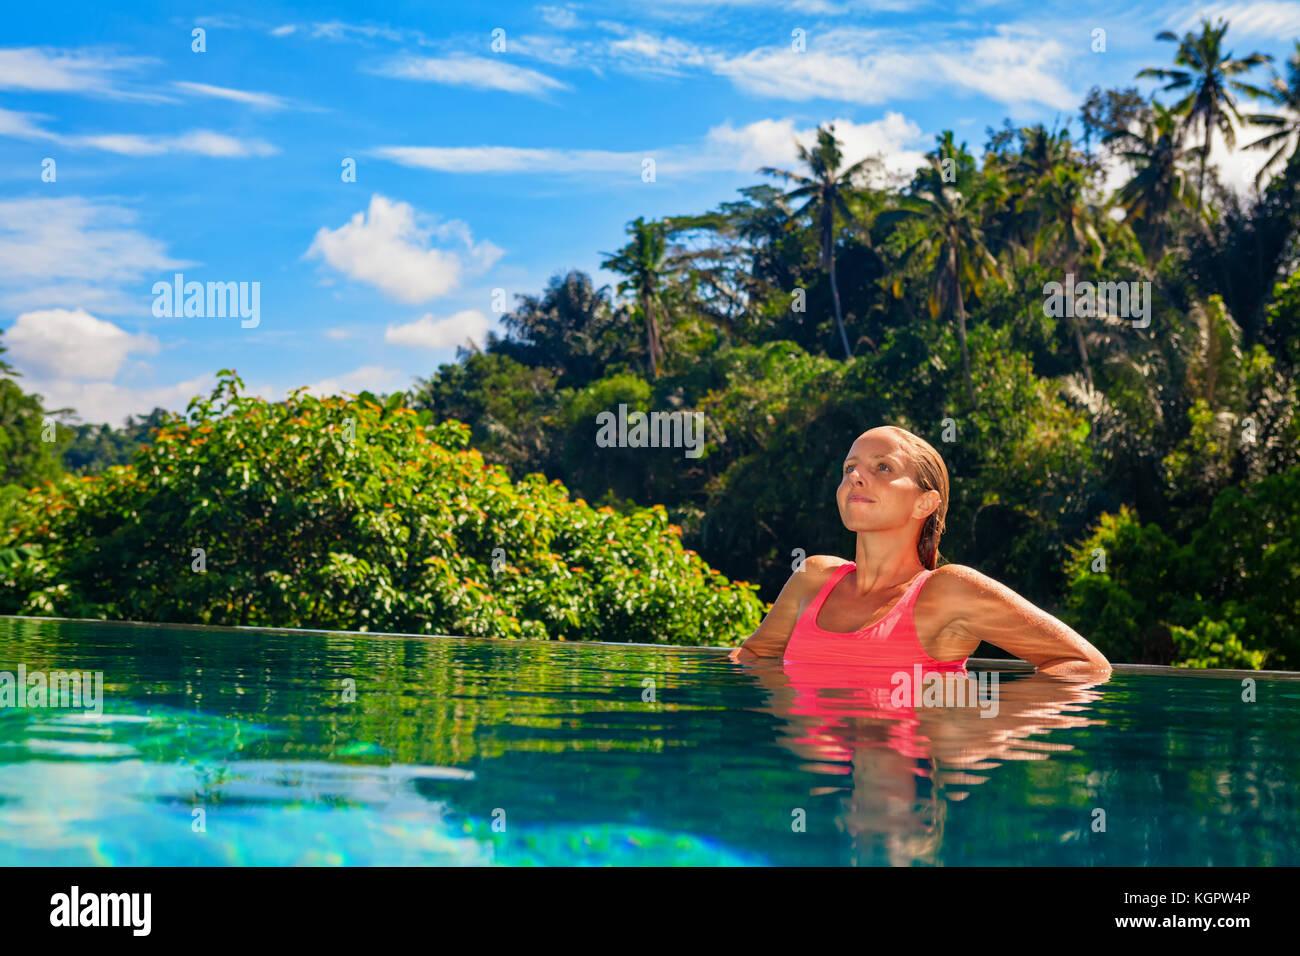 Mujer en la playa en verano, vacaciones en el lujoso hotel spa en la piscina desbordante con vistas a la jungla Imagen De Stock